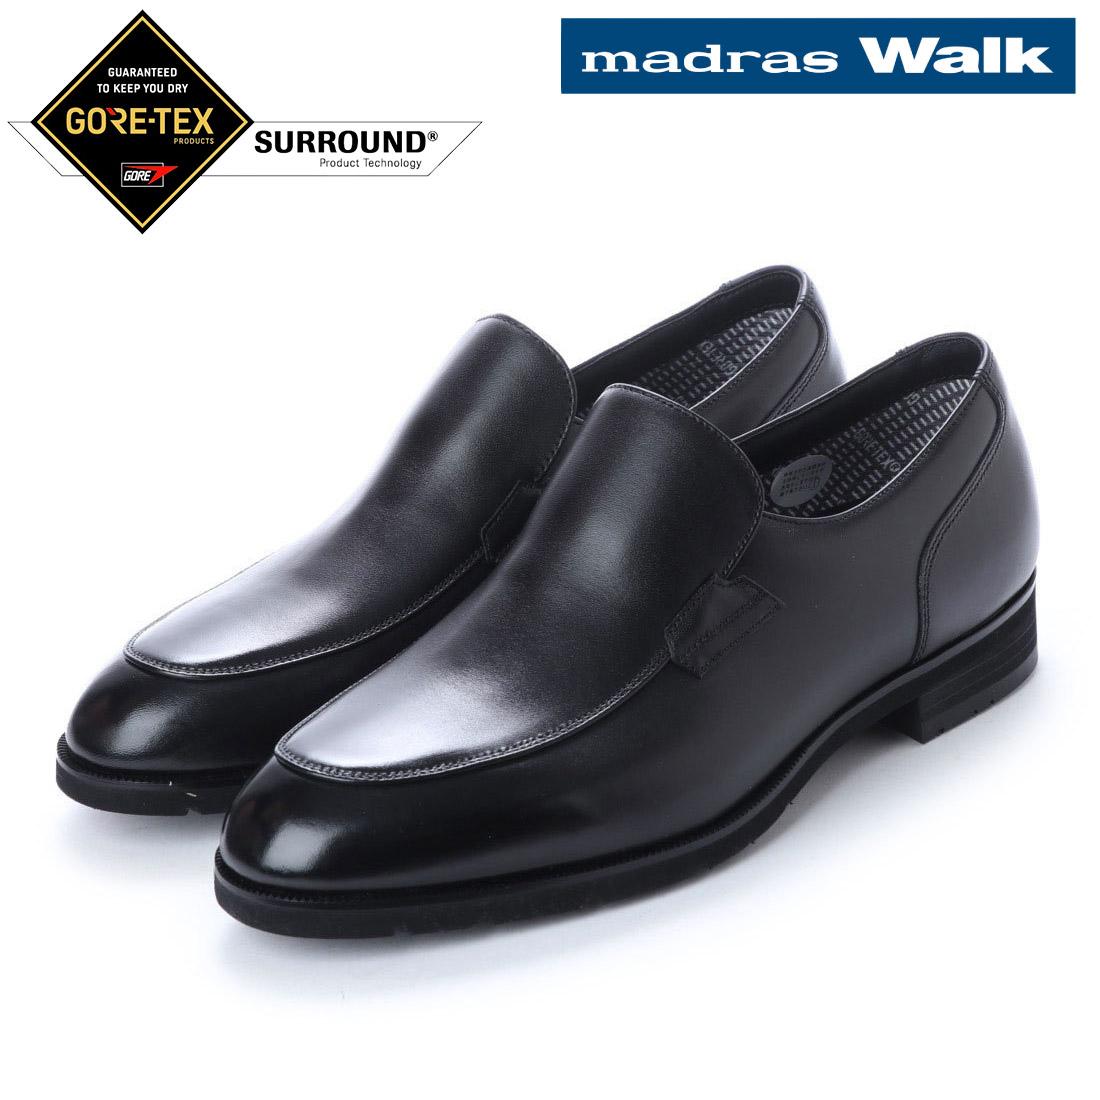 madras Walk マドラス スリッポン ビジネス シューズ ゴアテックス MW5642S 防水 【nesh】 【新品】